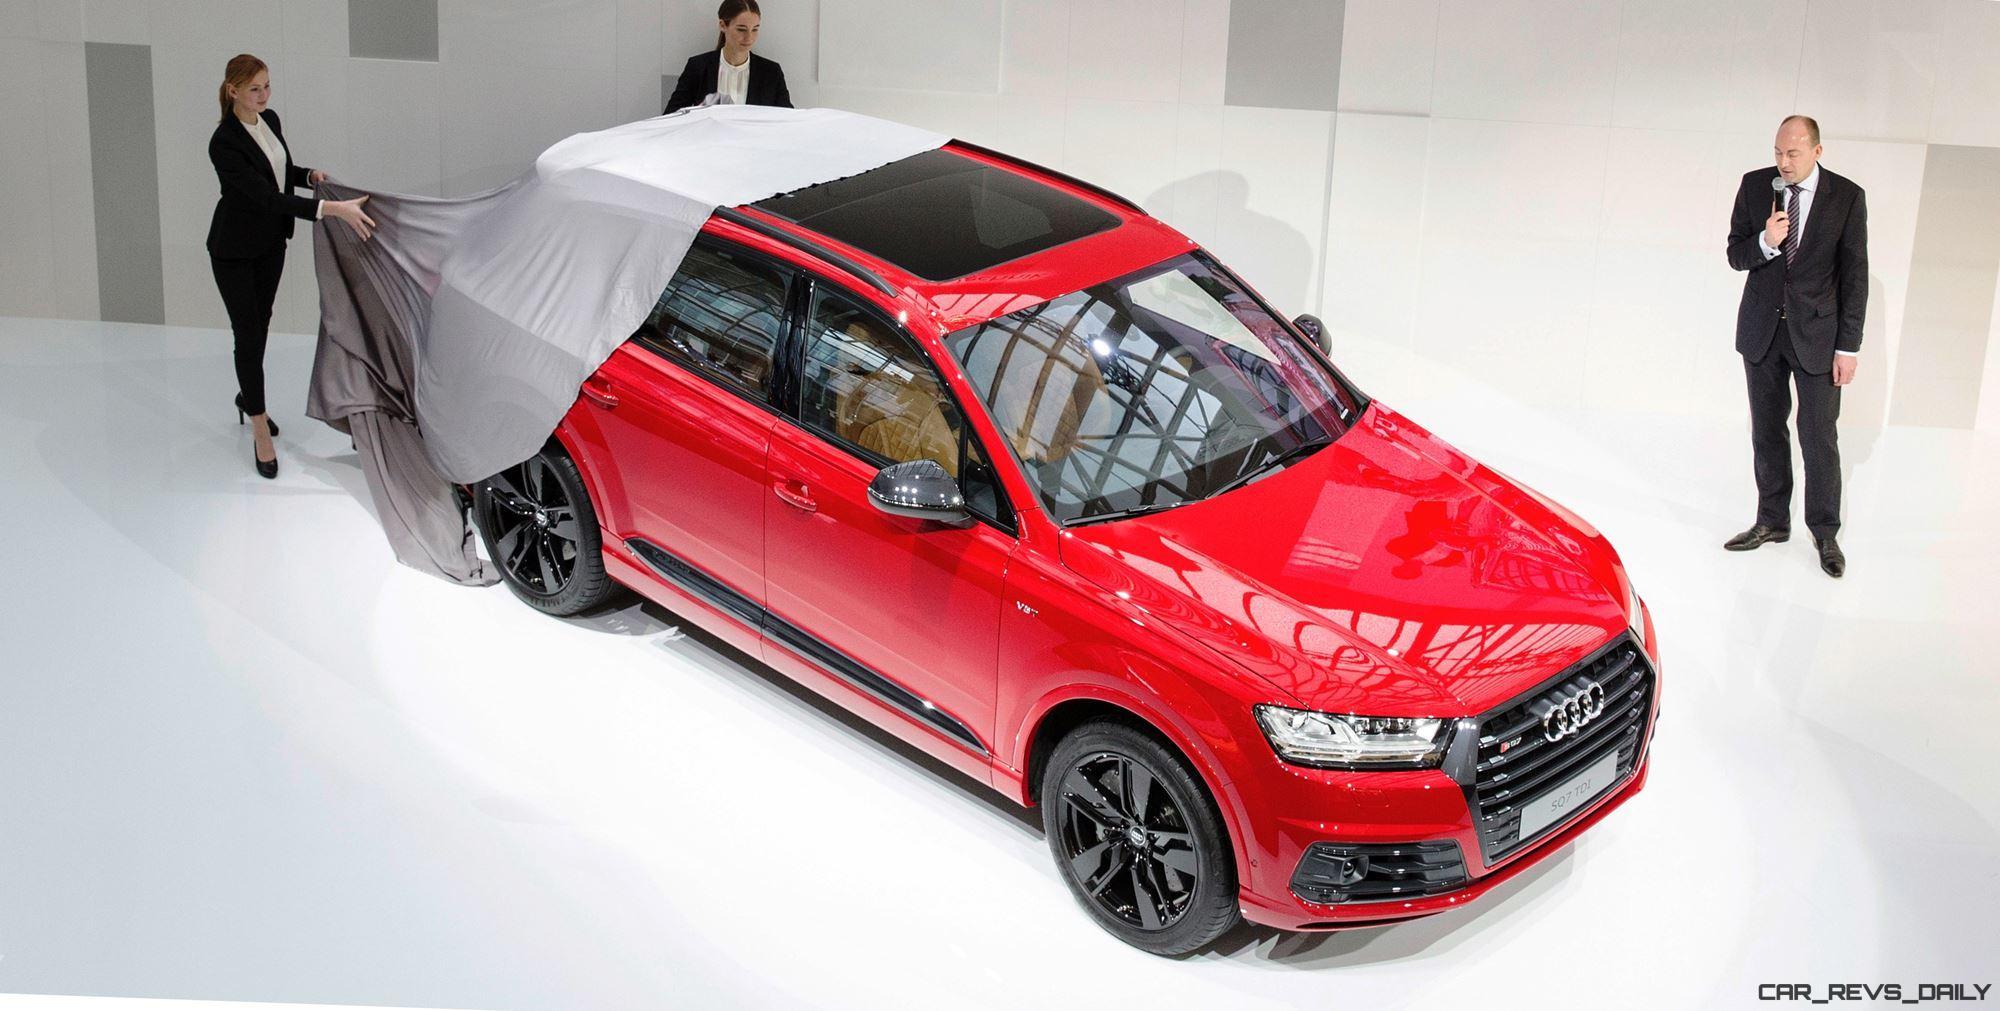 Audi Sq7 Usa Release >> 2018 Audi Sq7 Usa | Motavera.com